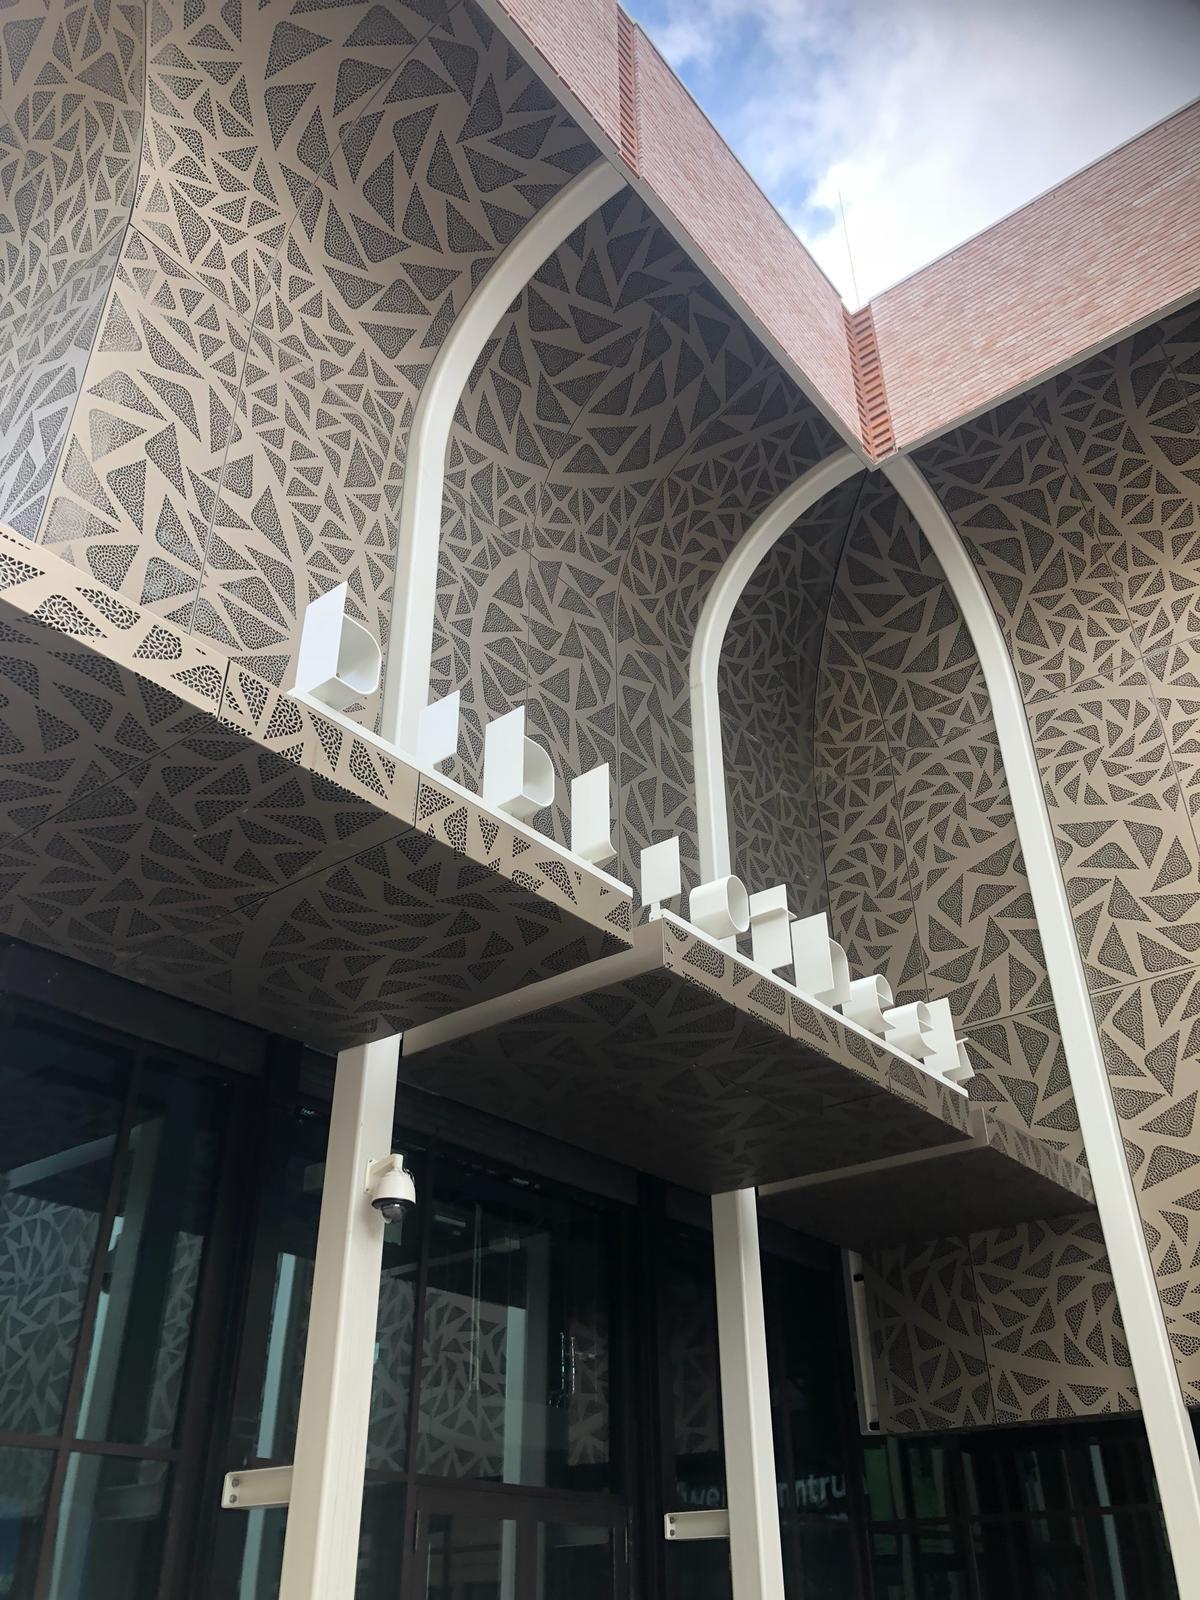 Kunstenpand in Rotterdam opgeleverd entree